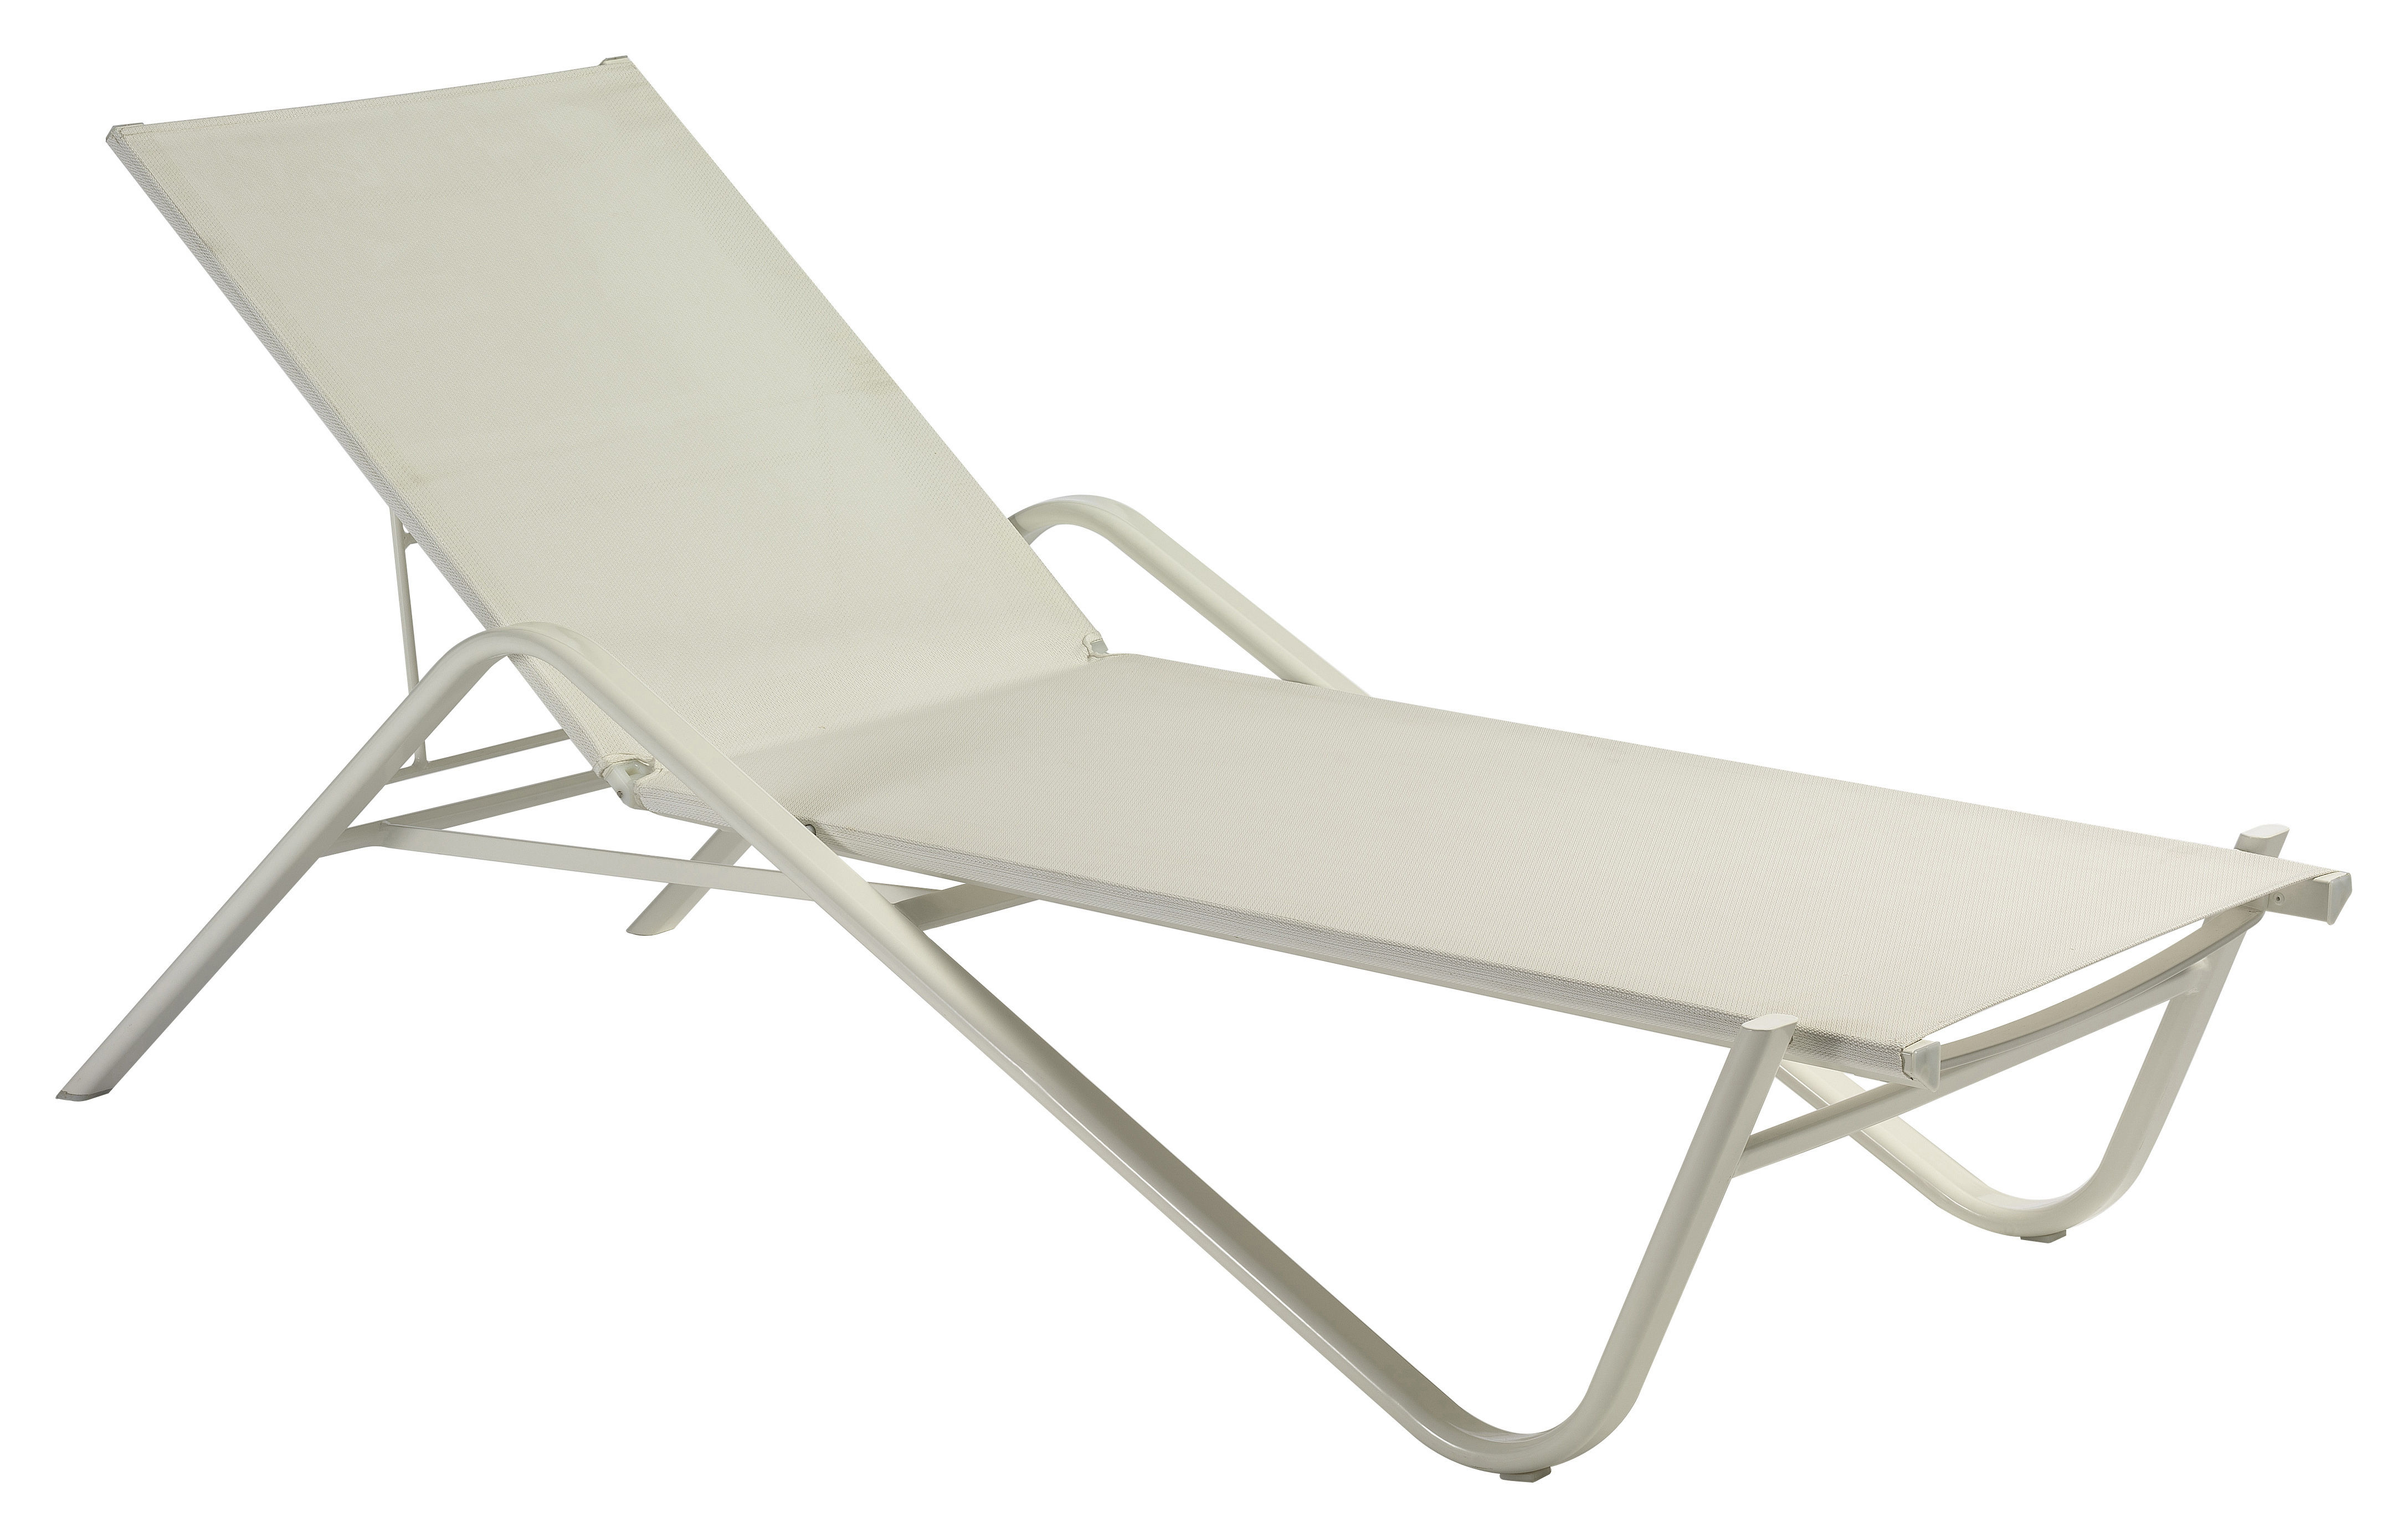 Outdoor - Liegen und Hängematten - Holly Sonnenliege - Emu - Bespannung weiß / Gestell weiß - Aluminium, Leinen